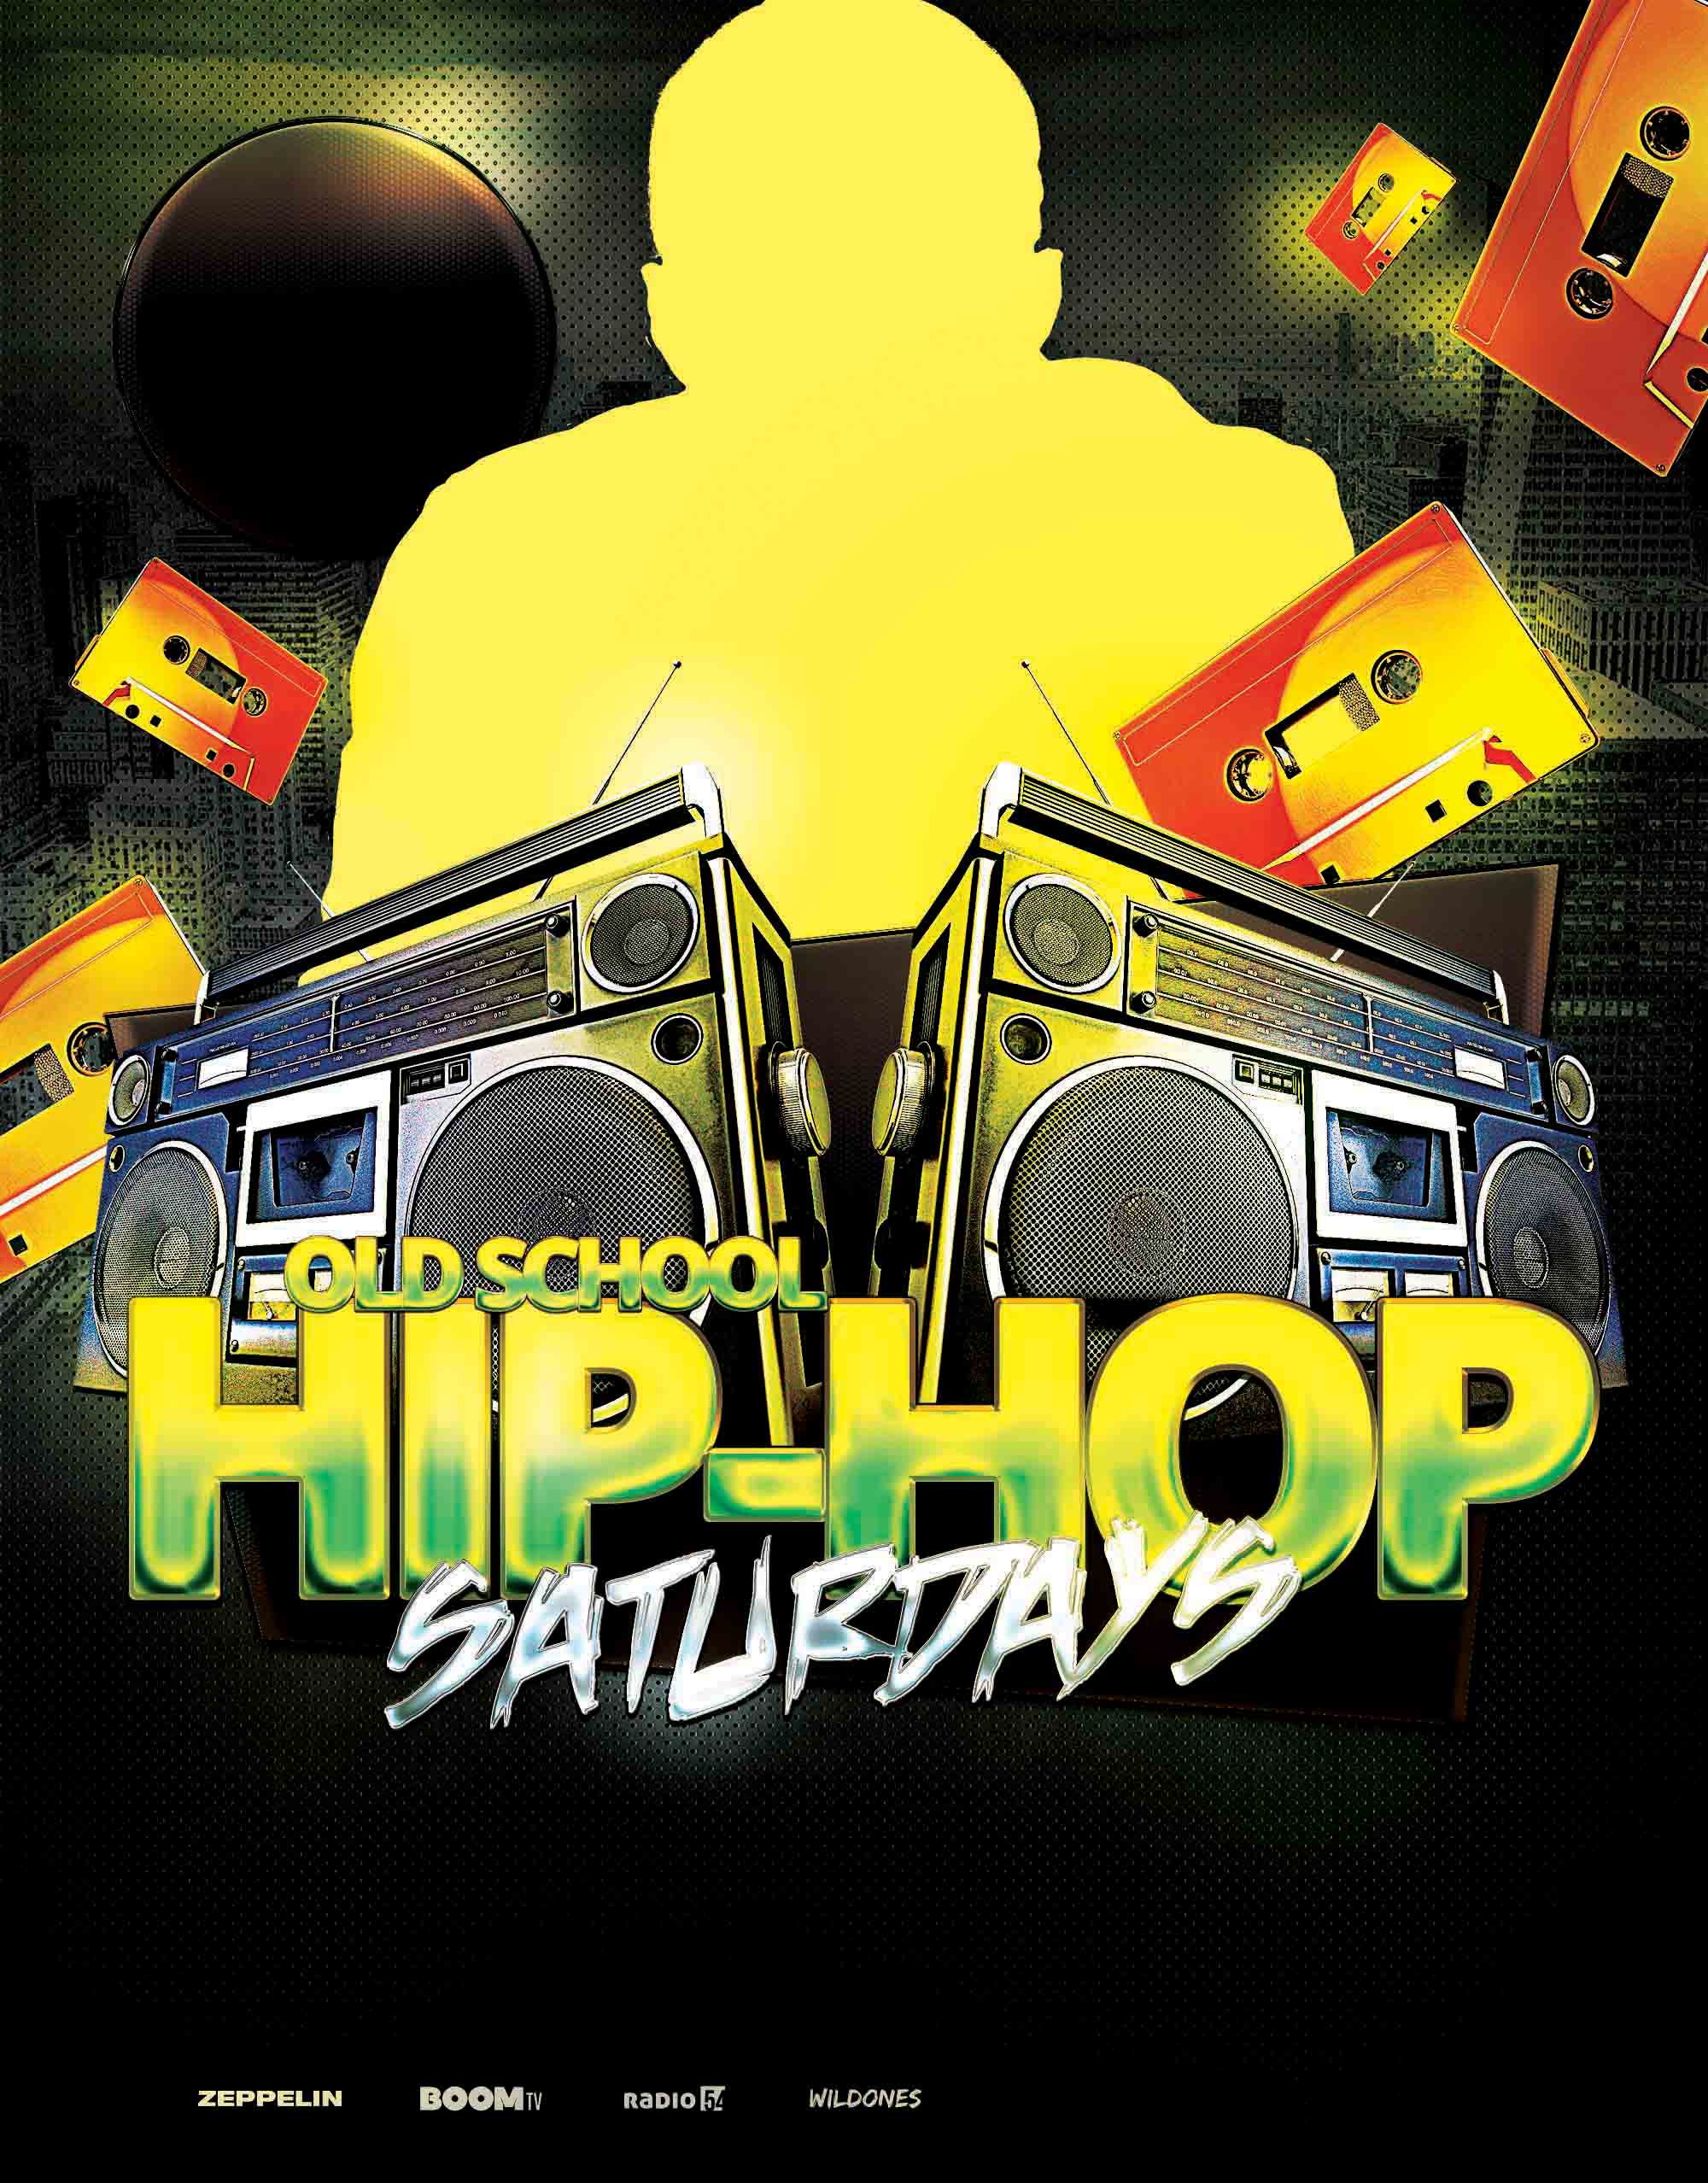 american hiphop sound dj poster background sound hiphop